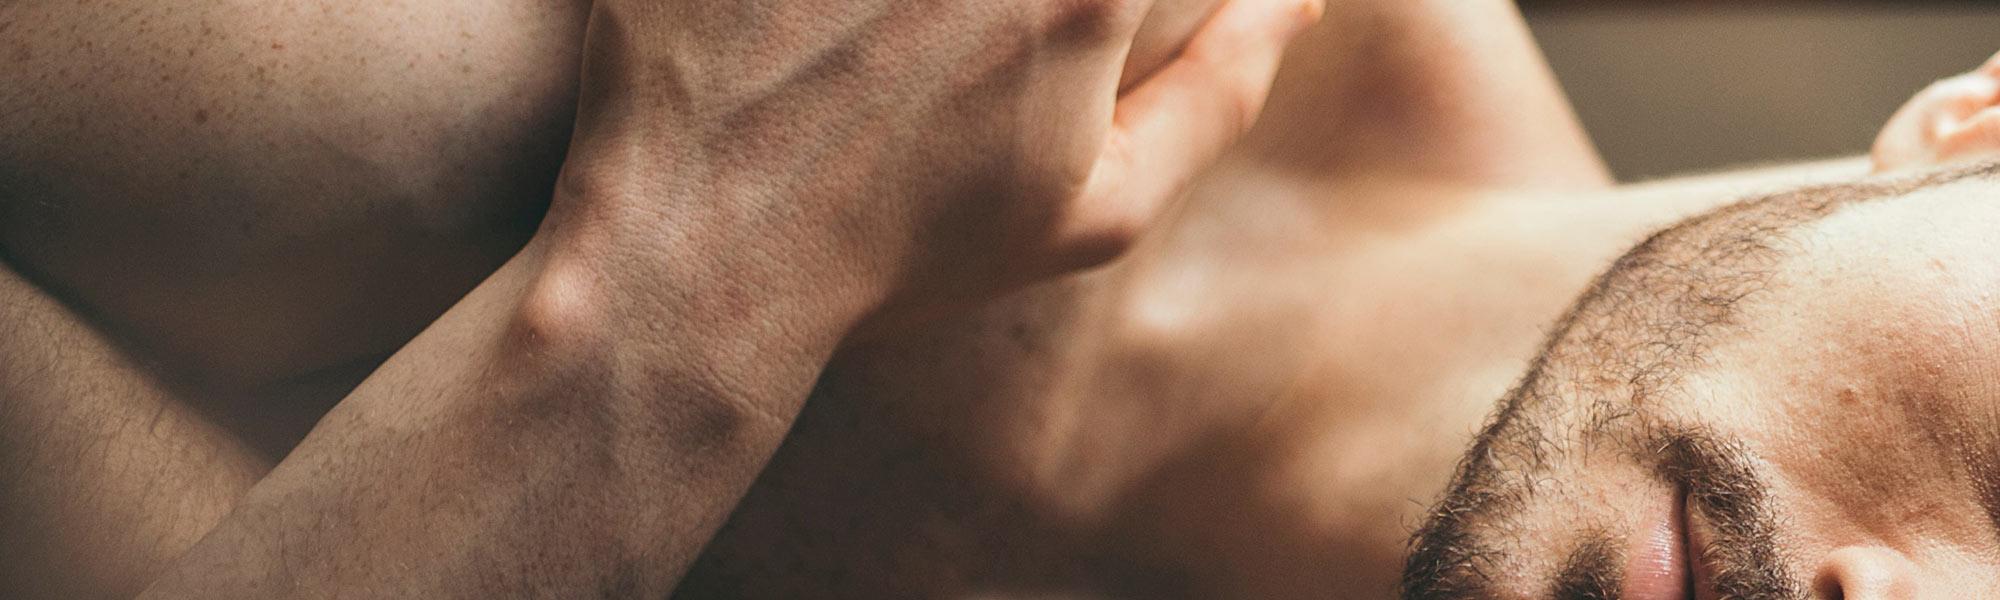 Der selbstbefriedigung bei männer Alterssexualität